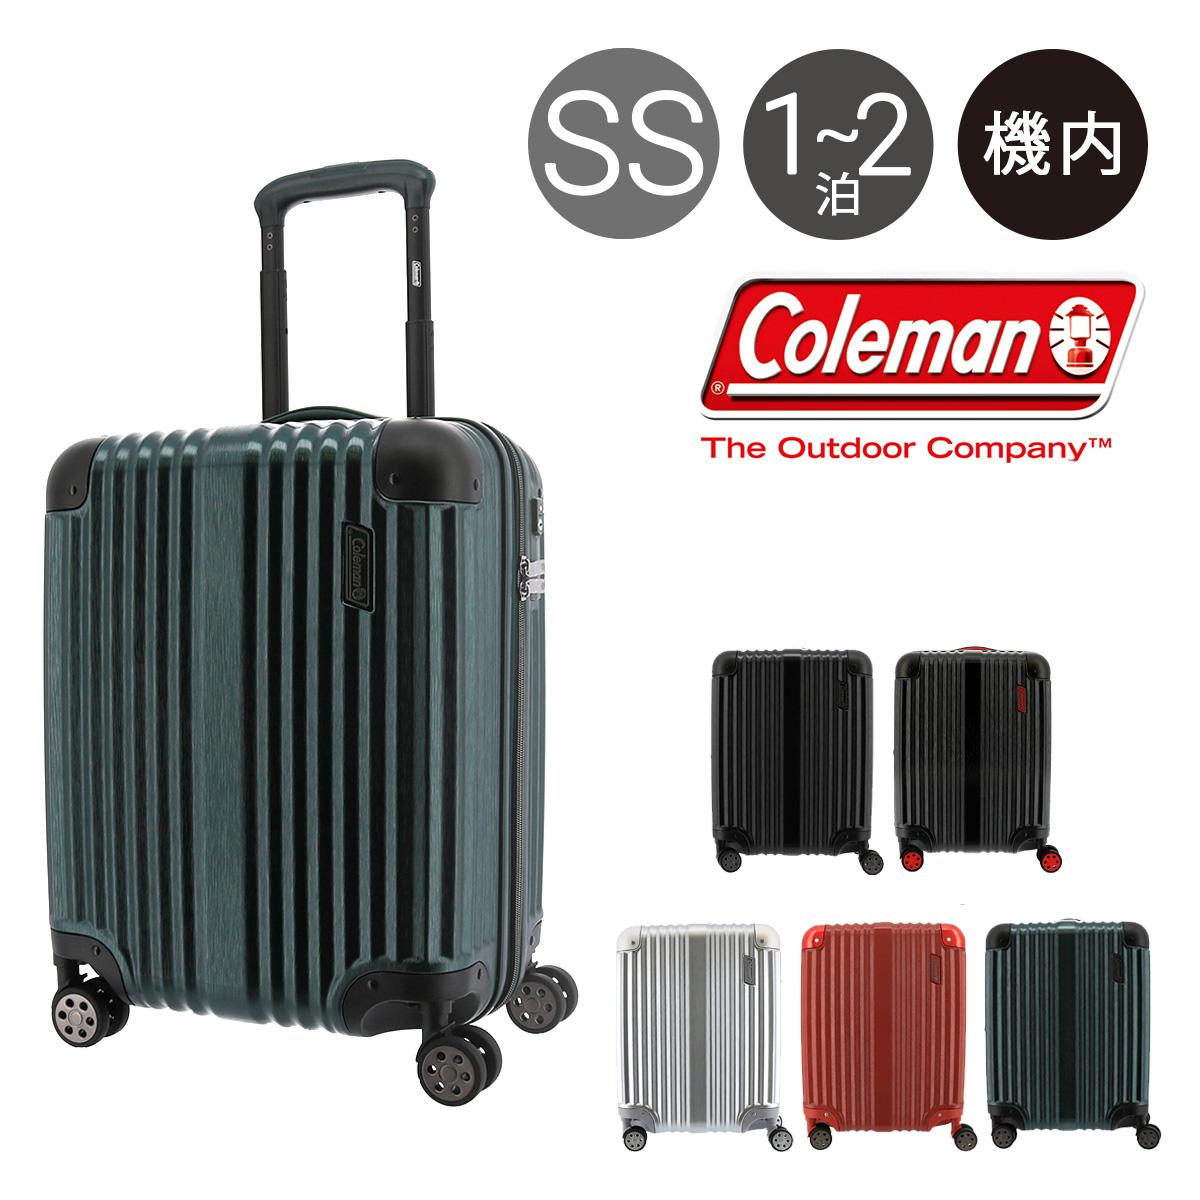 コールマン スーツケース|機内持ち込み 38L/46L 46cm 2.9kg 14-59|拡張 ハード ファスナー TSAロック搭載 [PO10][bef]